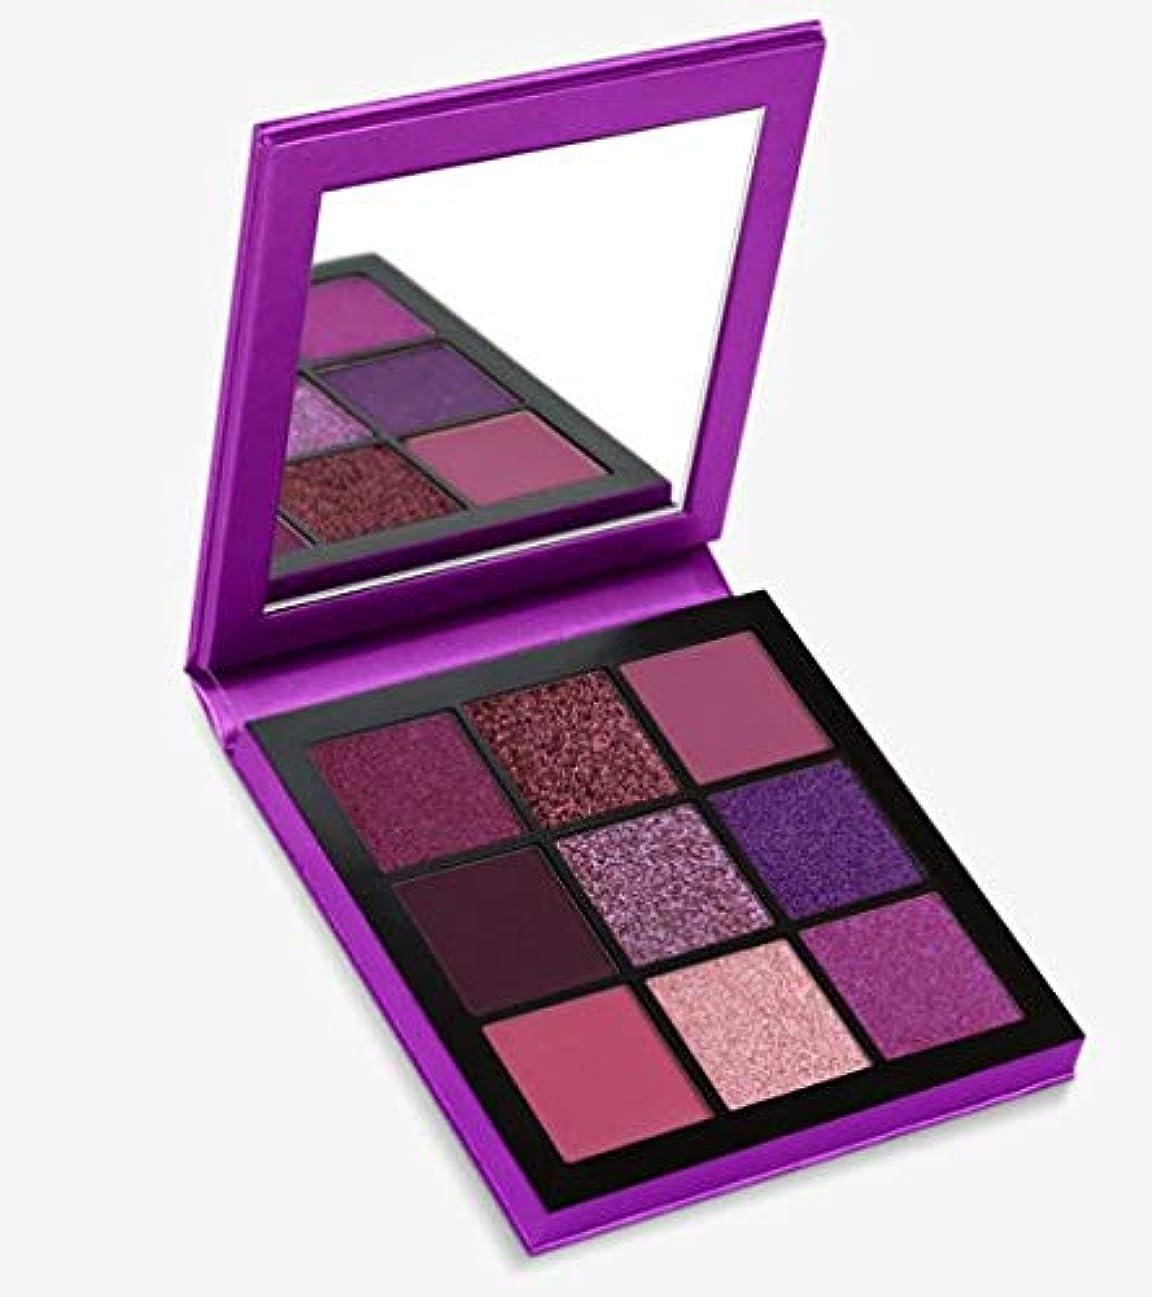 最大化する奇跡的なラップHudabeauty Obsessions Eyeshadow Palette Amethyst アイシャドウパレット